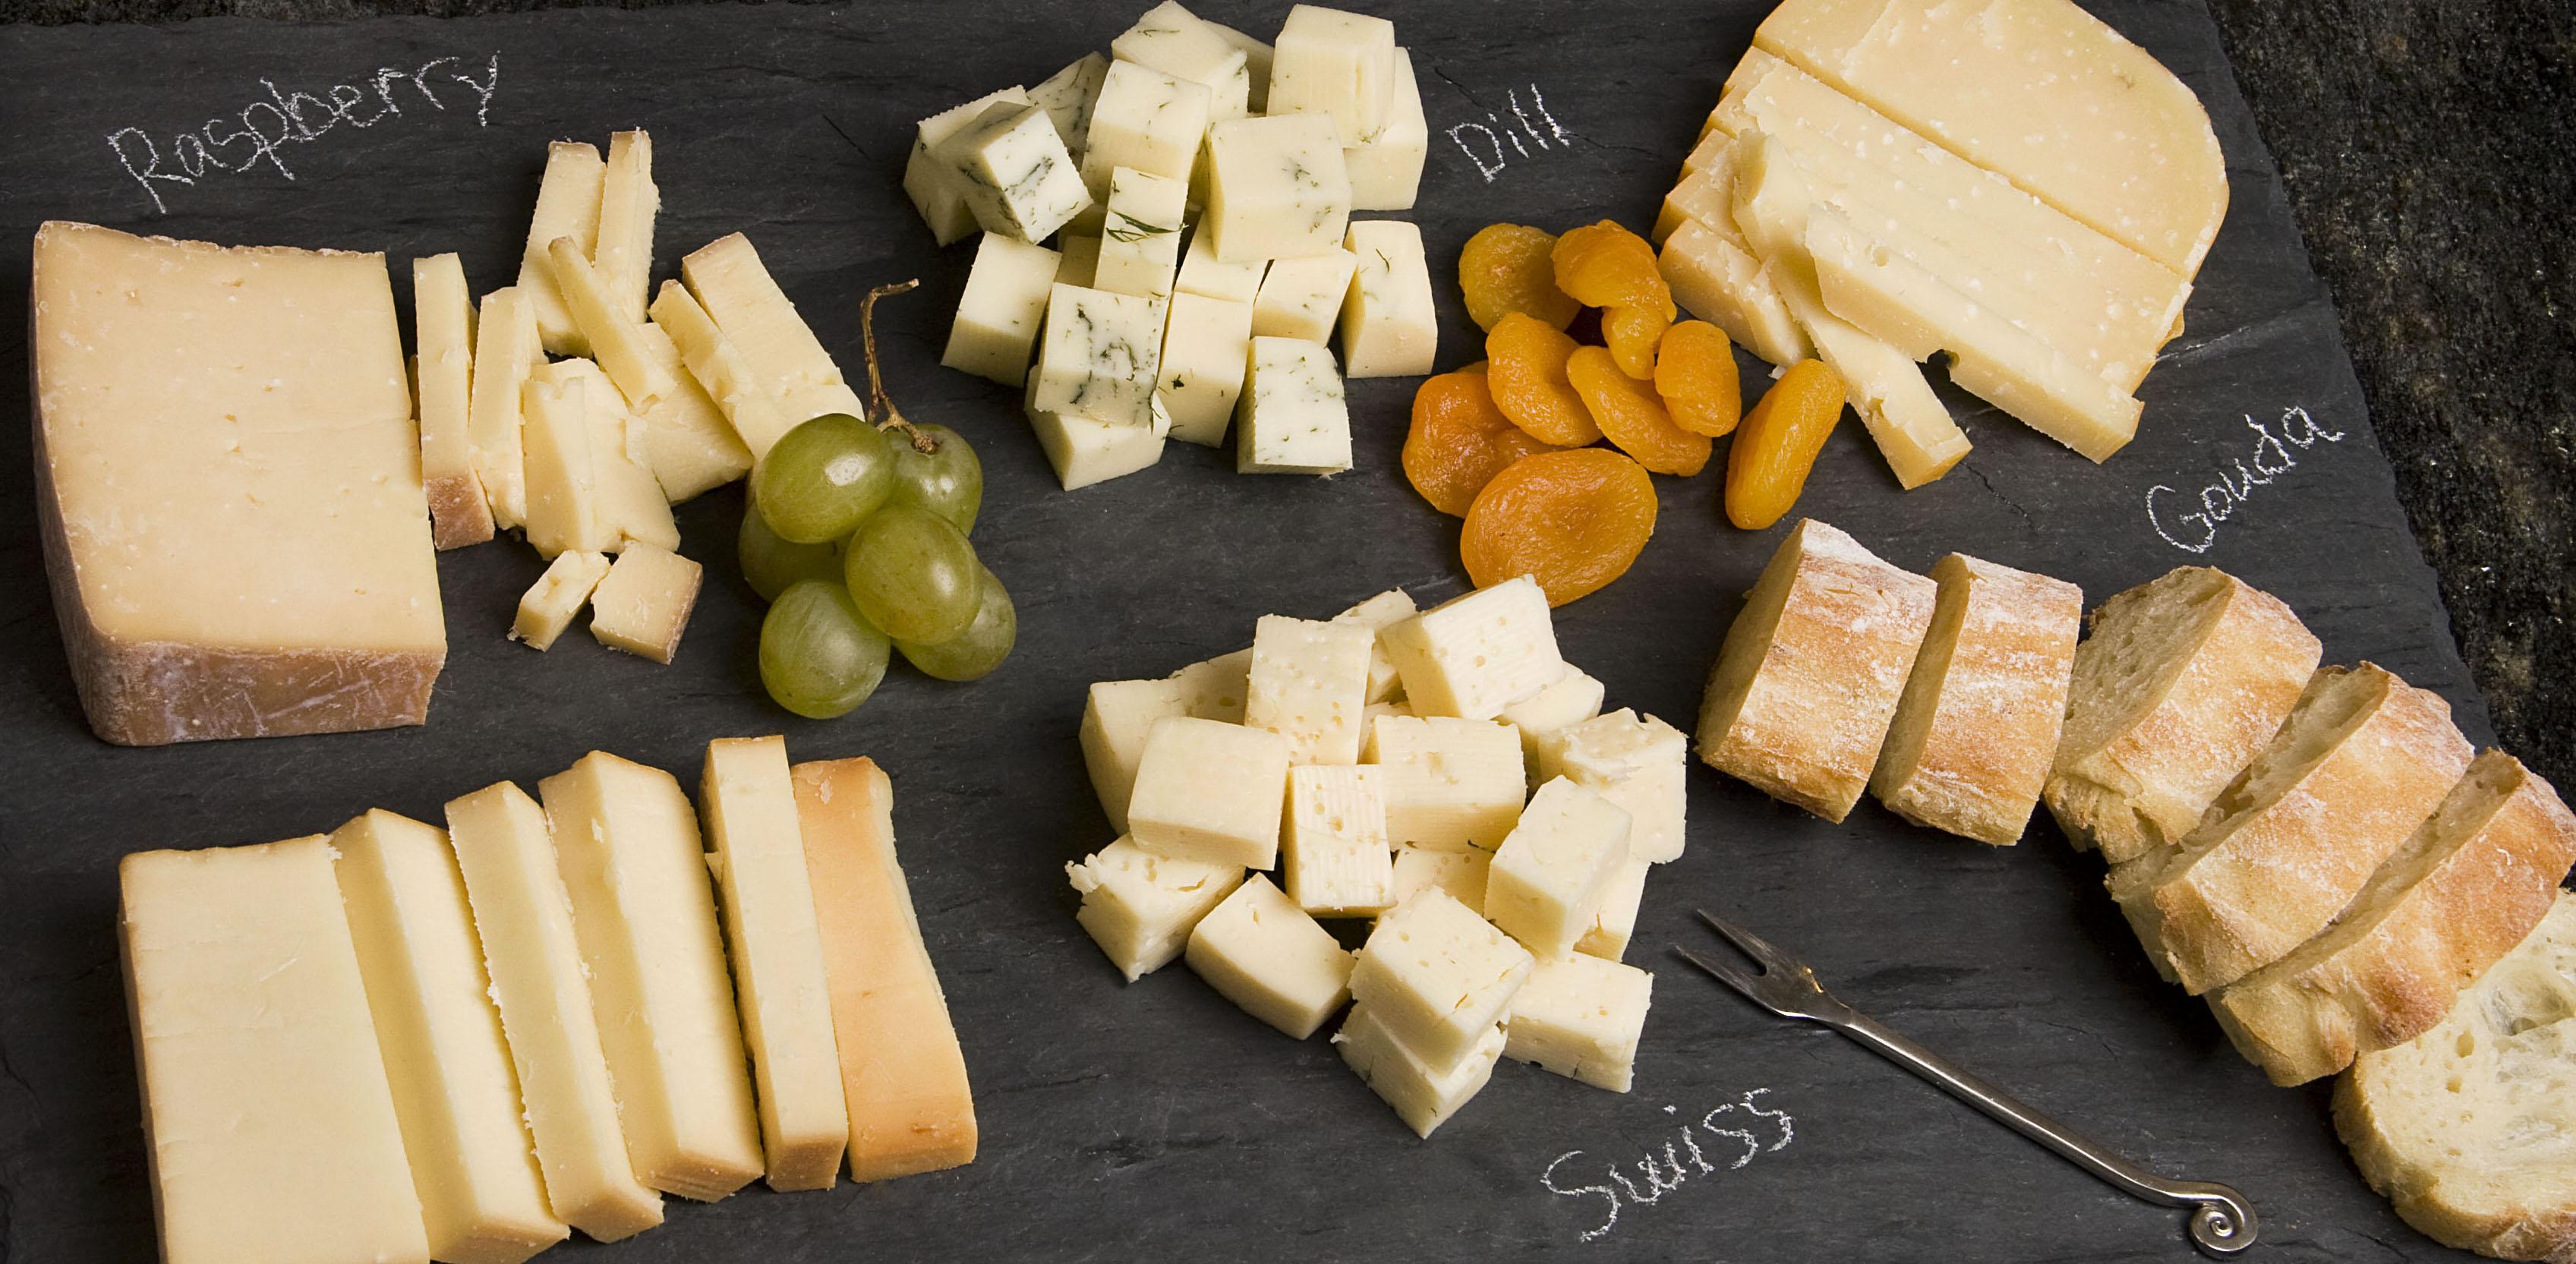 Revista norte-americana especializada faz reportagem sobre queijos dos Açores